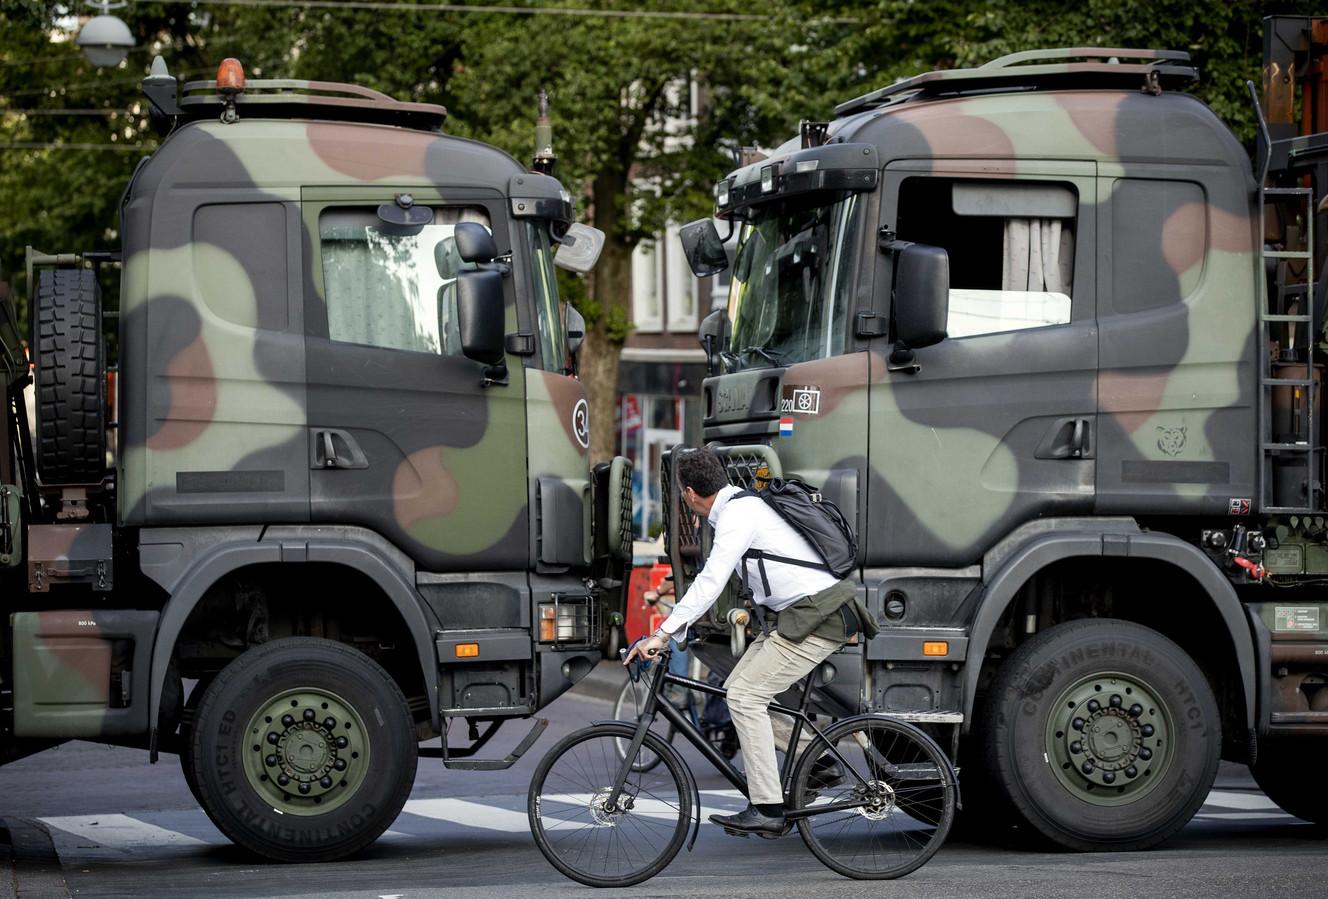 Vrachtwagens van Defensie blokkeren de toegangswegen naar het Binnenhof vanwege een aangekondigd boerenprotest op het Malieveld.